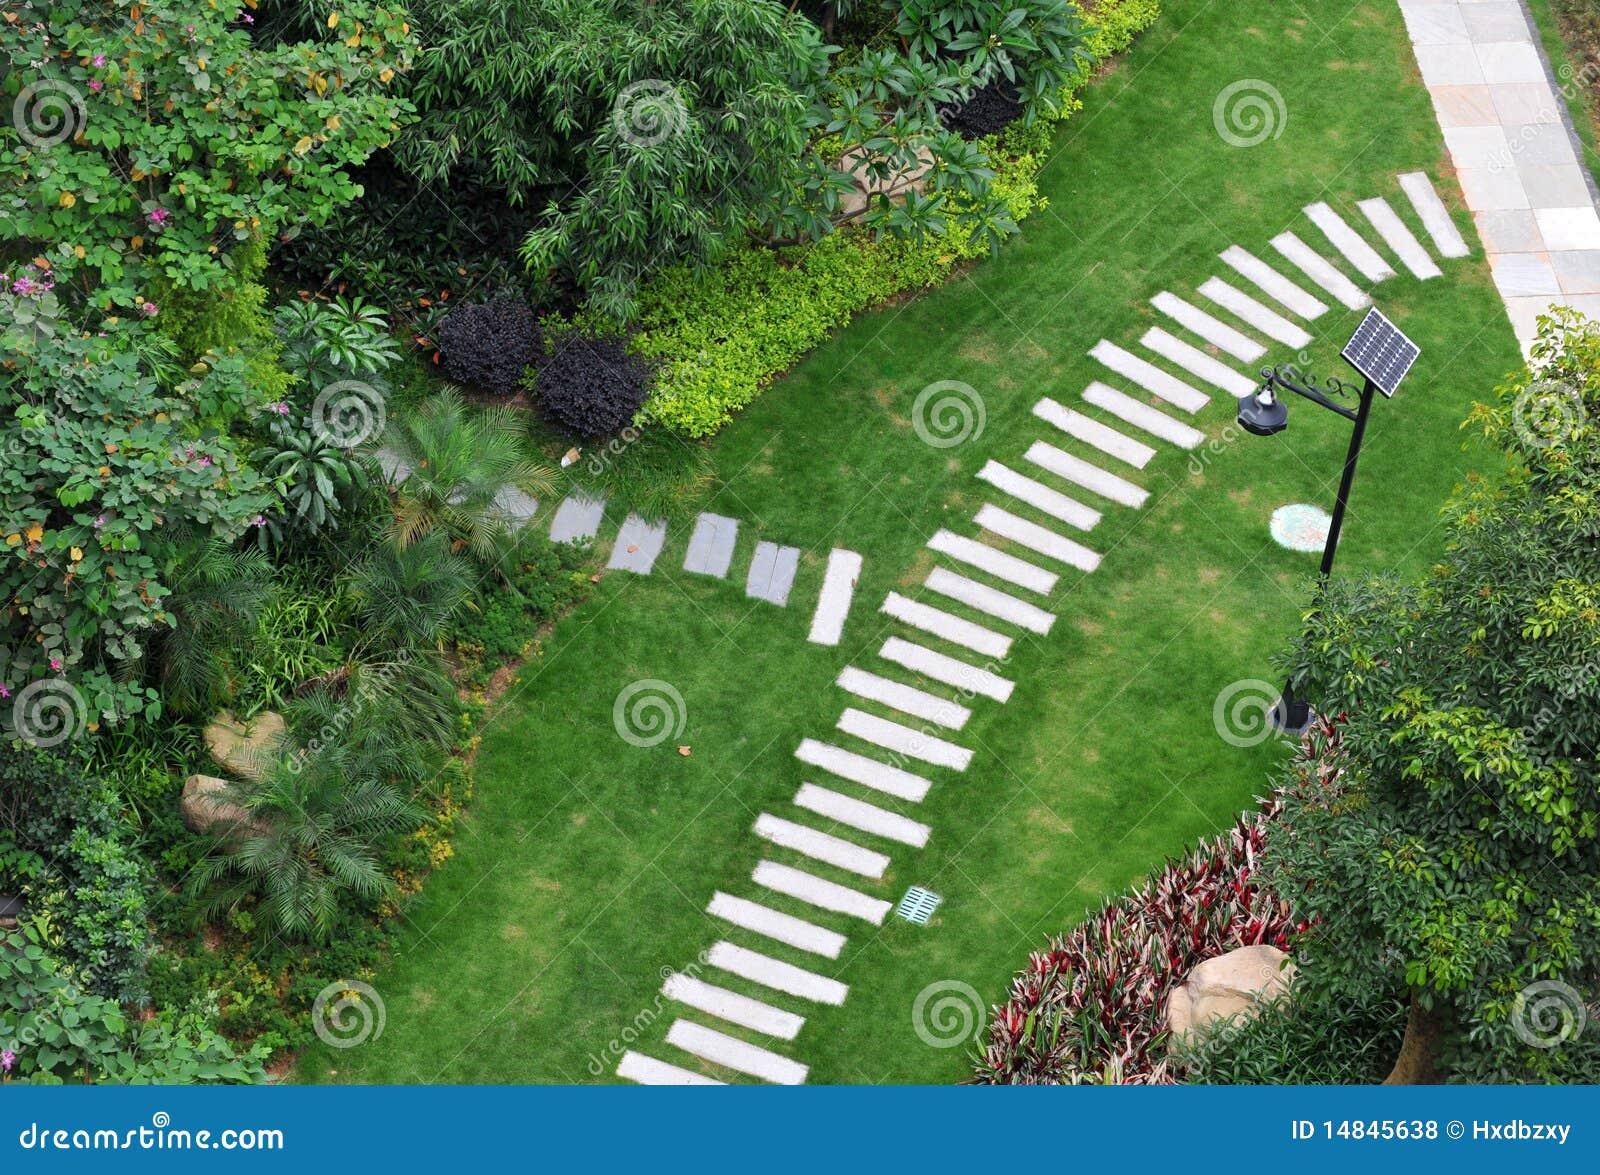 Camino de piedra en jard n foto de archivo imagen de for Camino de piedra jardin